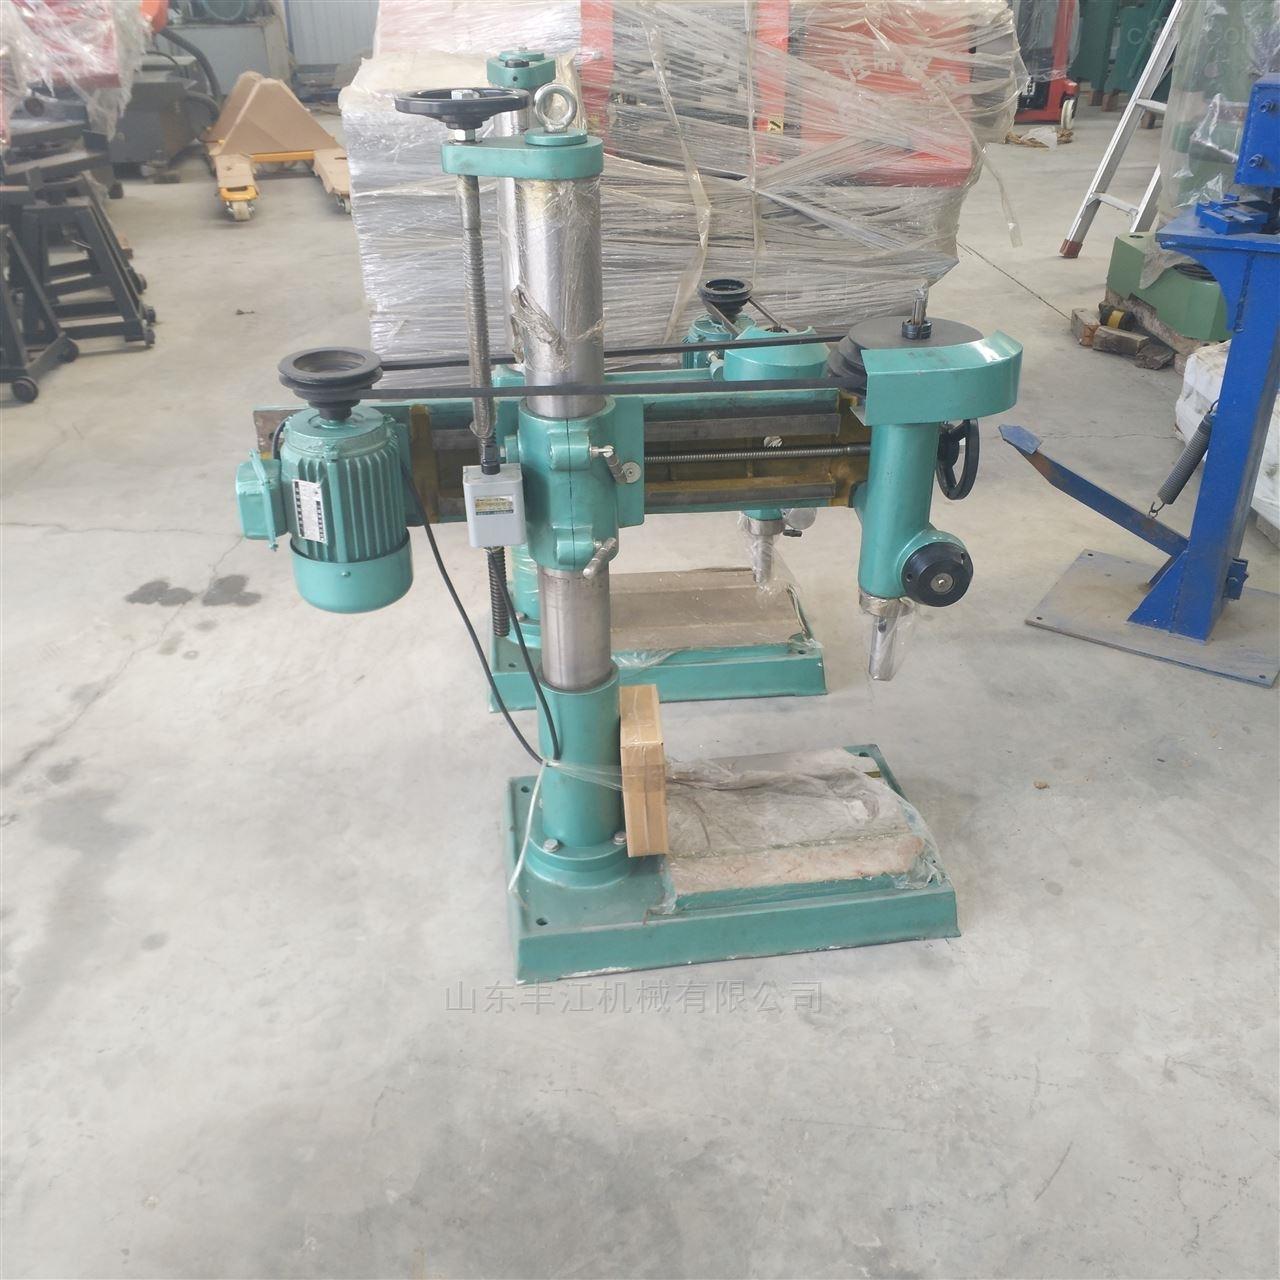 机械液压摇臂钻z3025厂家销售图片